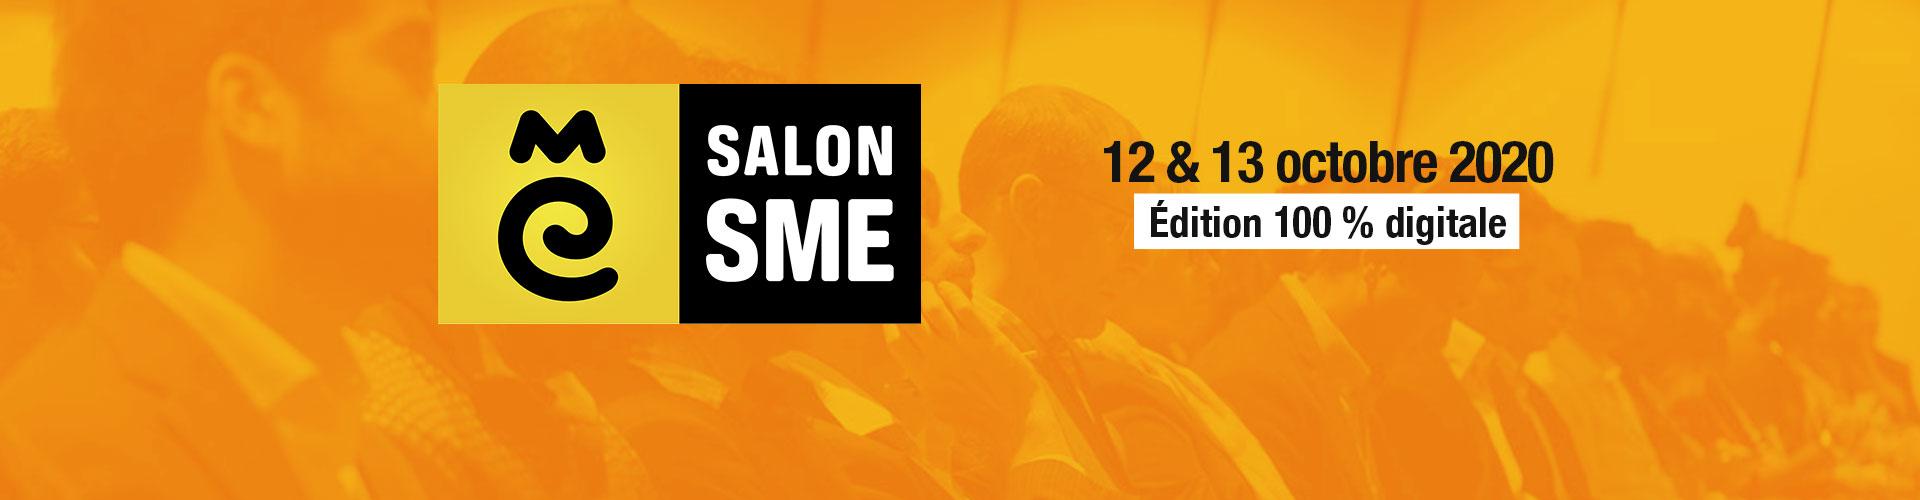 Dunod partenaire du Salon SME 2020 le Salon des rencontres décisives